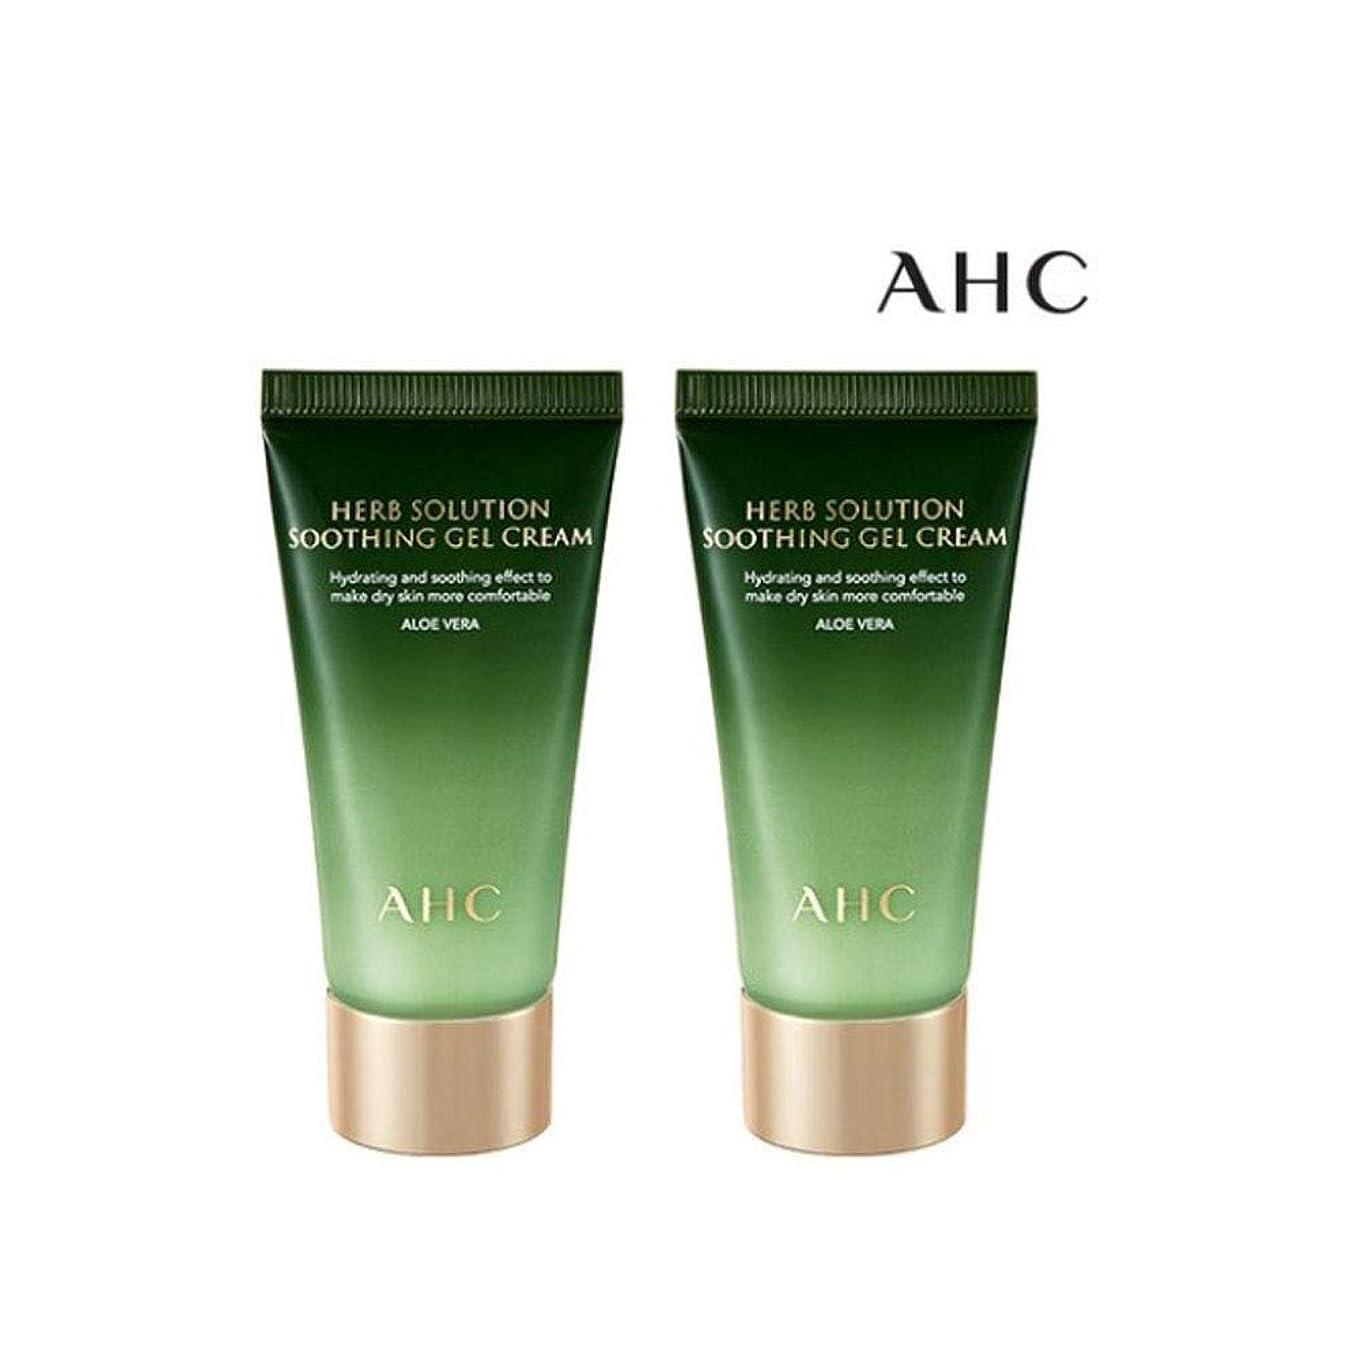 蒸気半ば興味AHCハブソリューションアロエベラスージングジェルクリーム50mlx2本セット韓国コスメ、AHC Herb Solution Aloe Vera Soothing Gel Cream 50ml x 2ea Set Korean Cosmetics [並行輸入品]